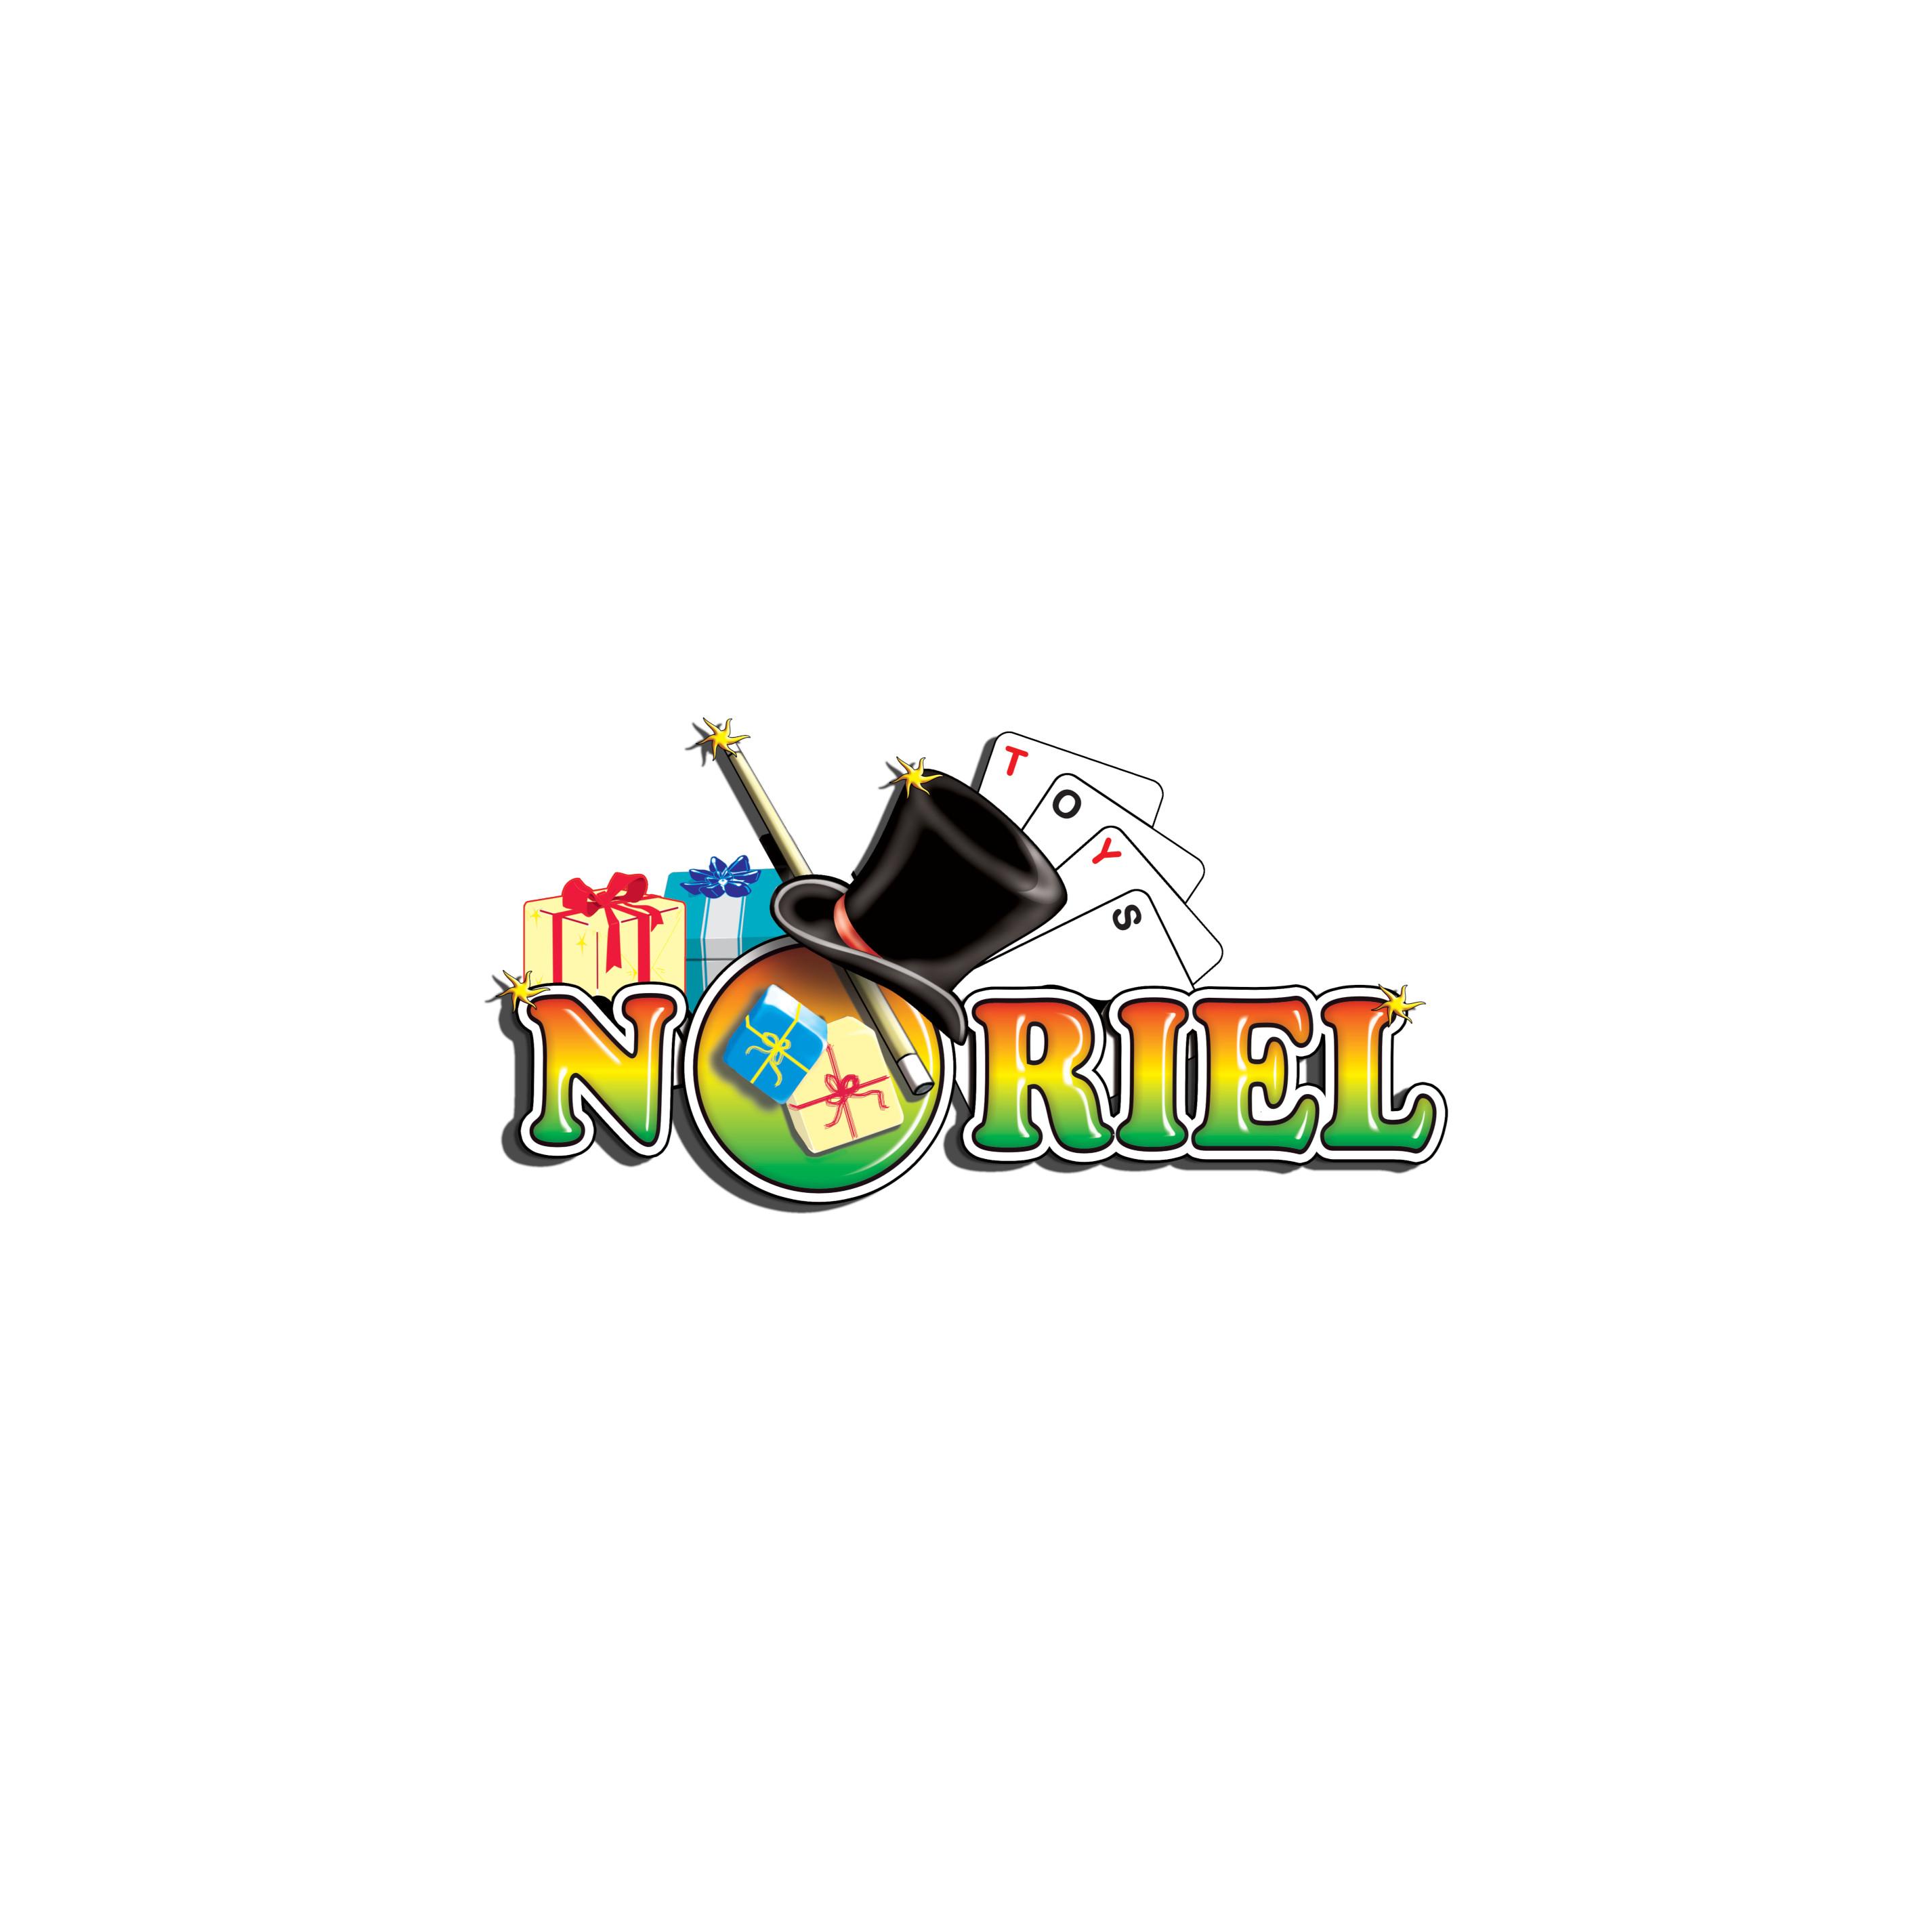 Figurina Minnie Mouse cu accesorii la sport_2